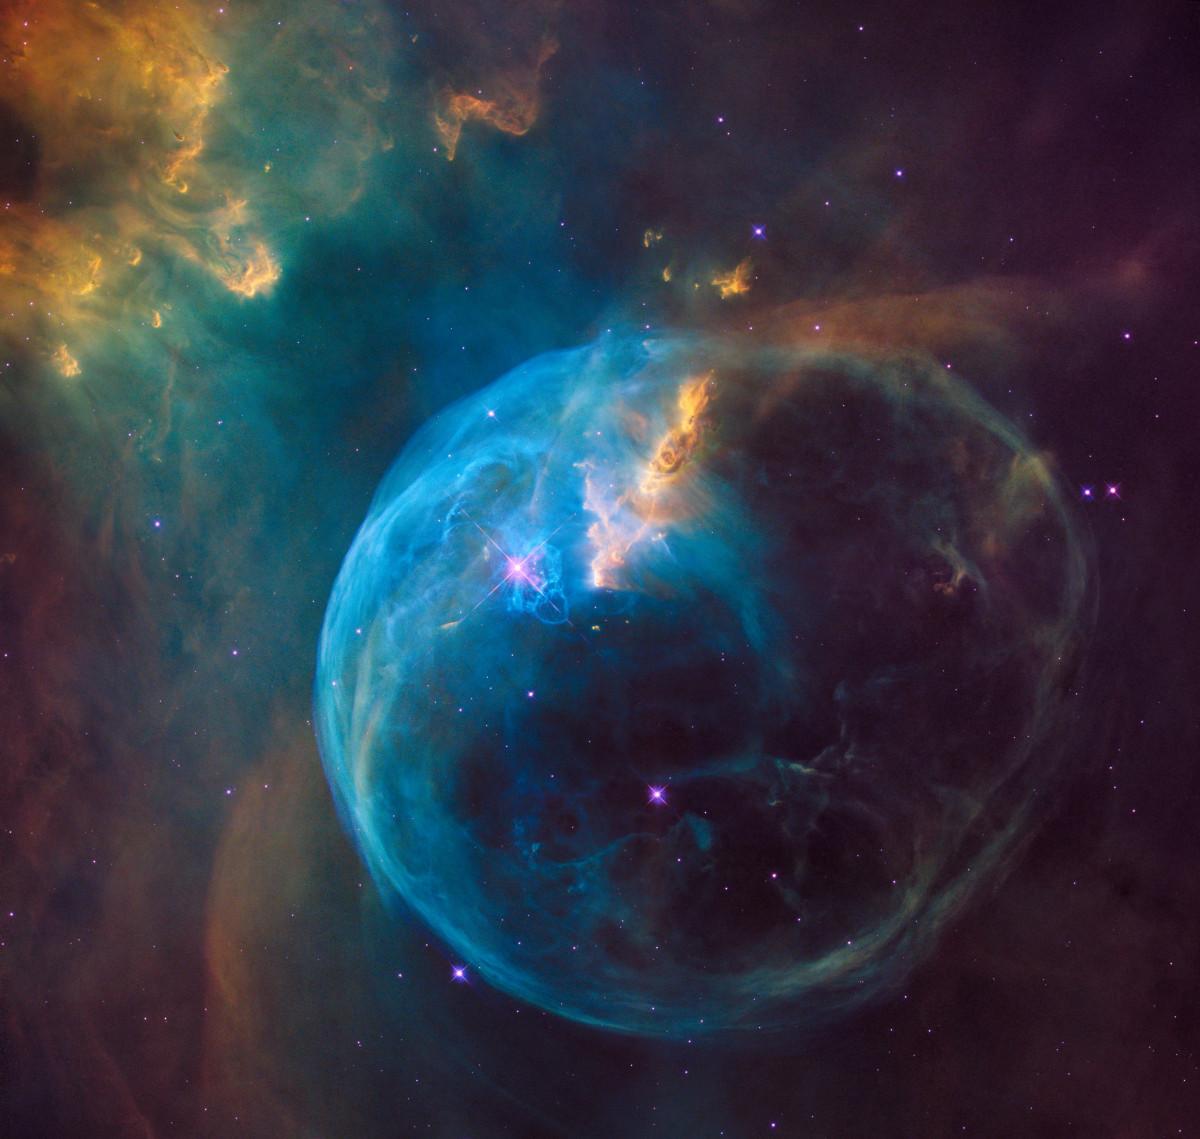 estrella, atmósfera, espacio, Cosmo, nebulosa, espacio exterior, universo, planeta, cósmico, Objeto astronómico